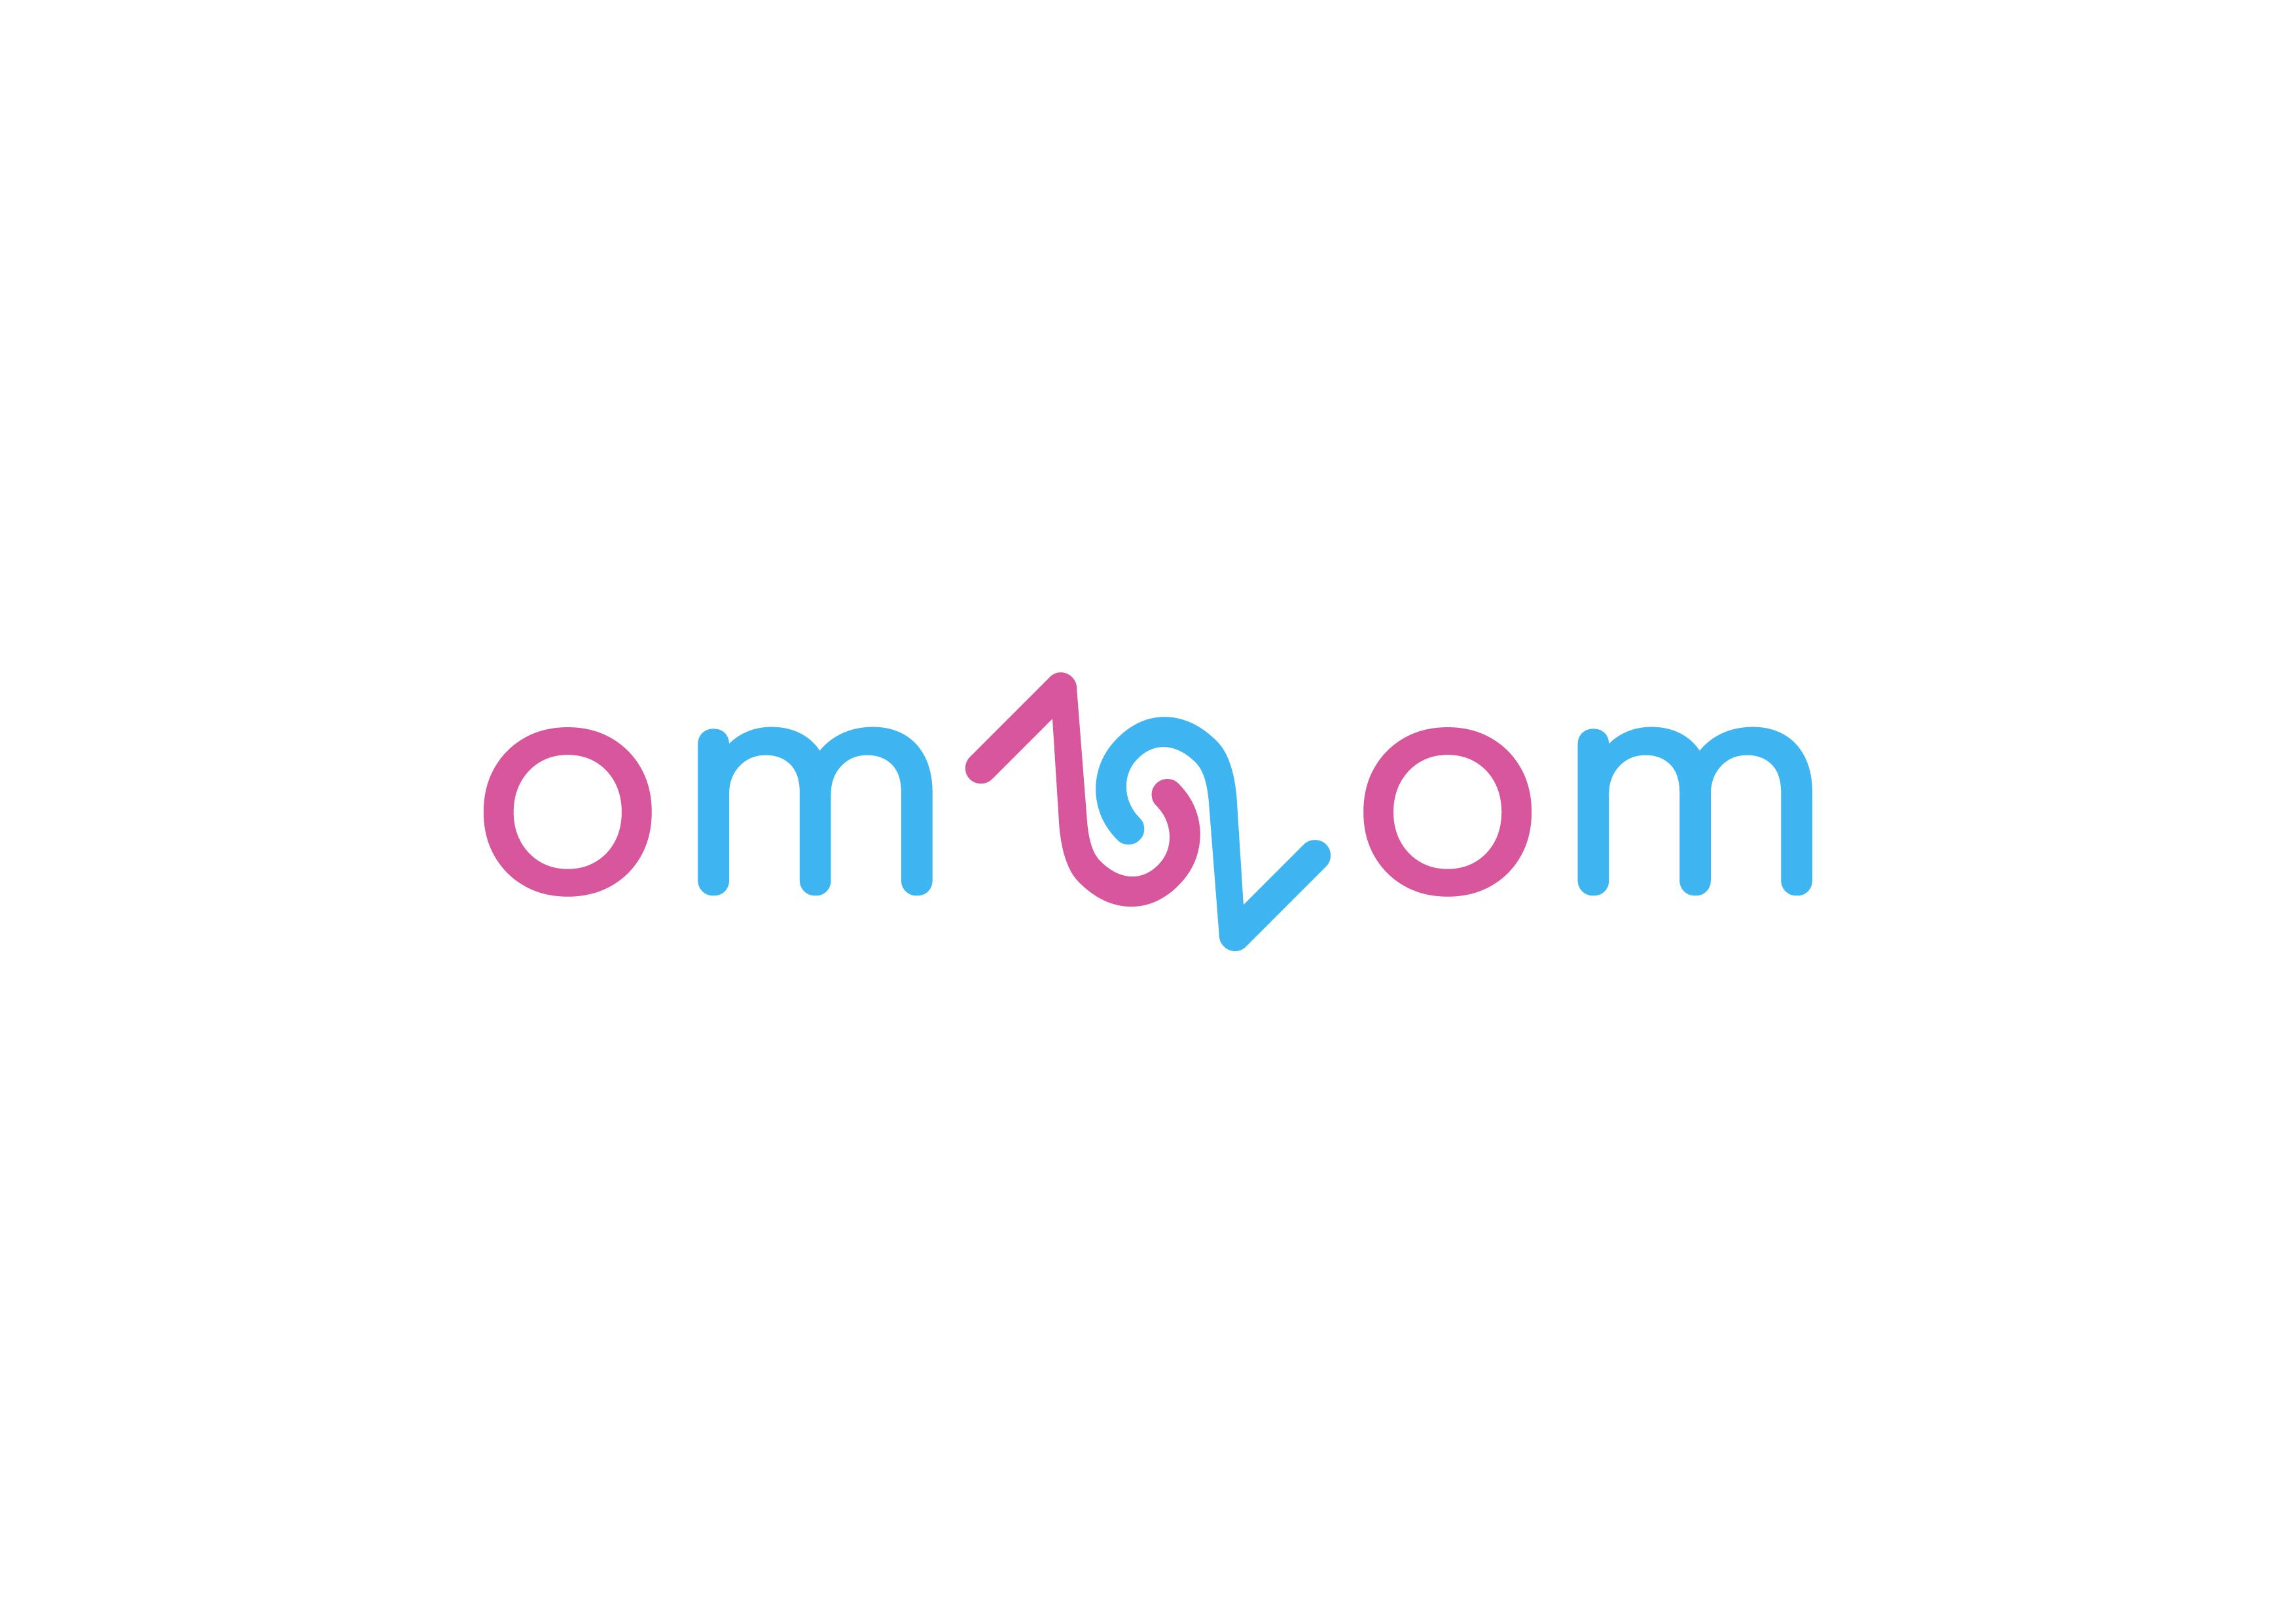 Разработка логотипа для краудфандинговой платформы om2om.md фото f_0695f57d0cfa325d.jpg